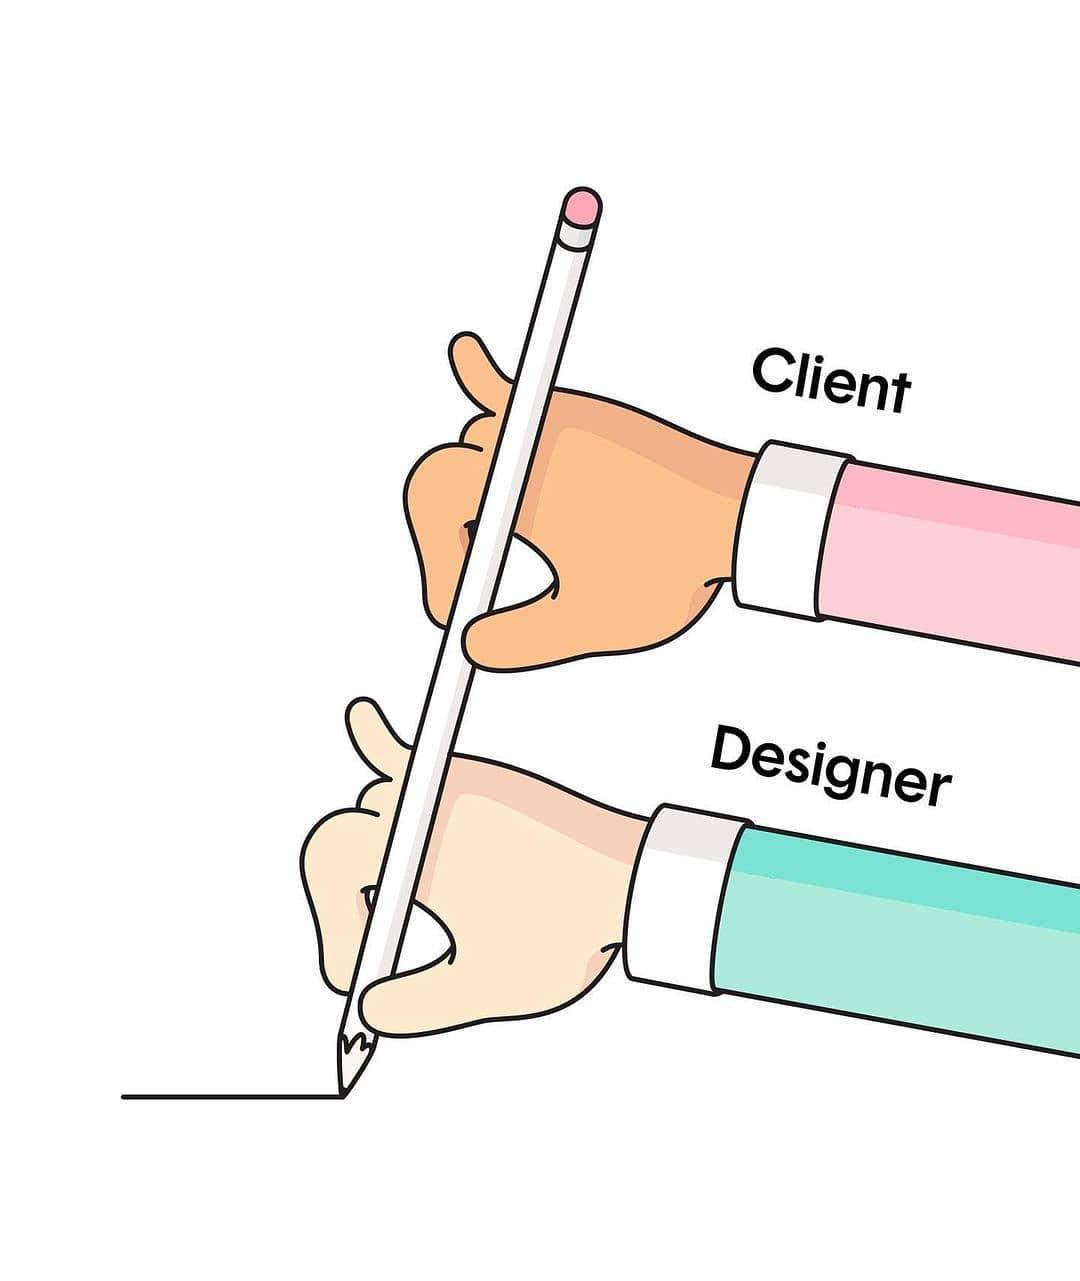 Client and Designer